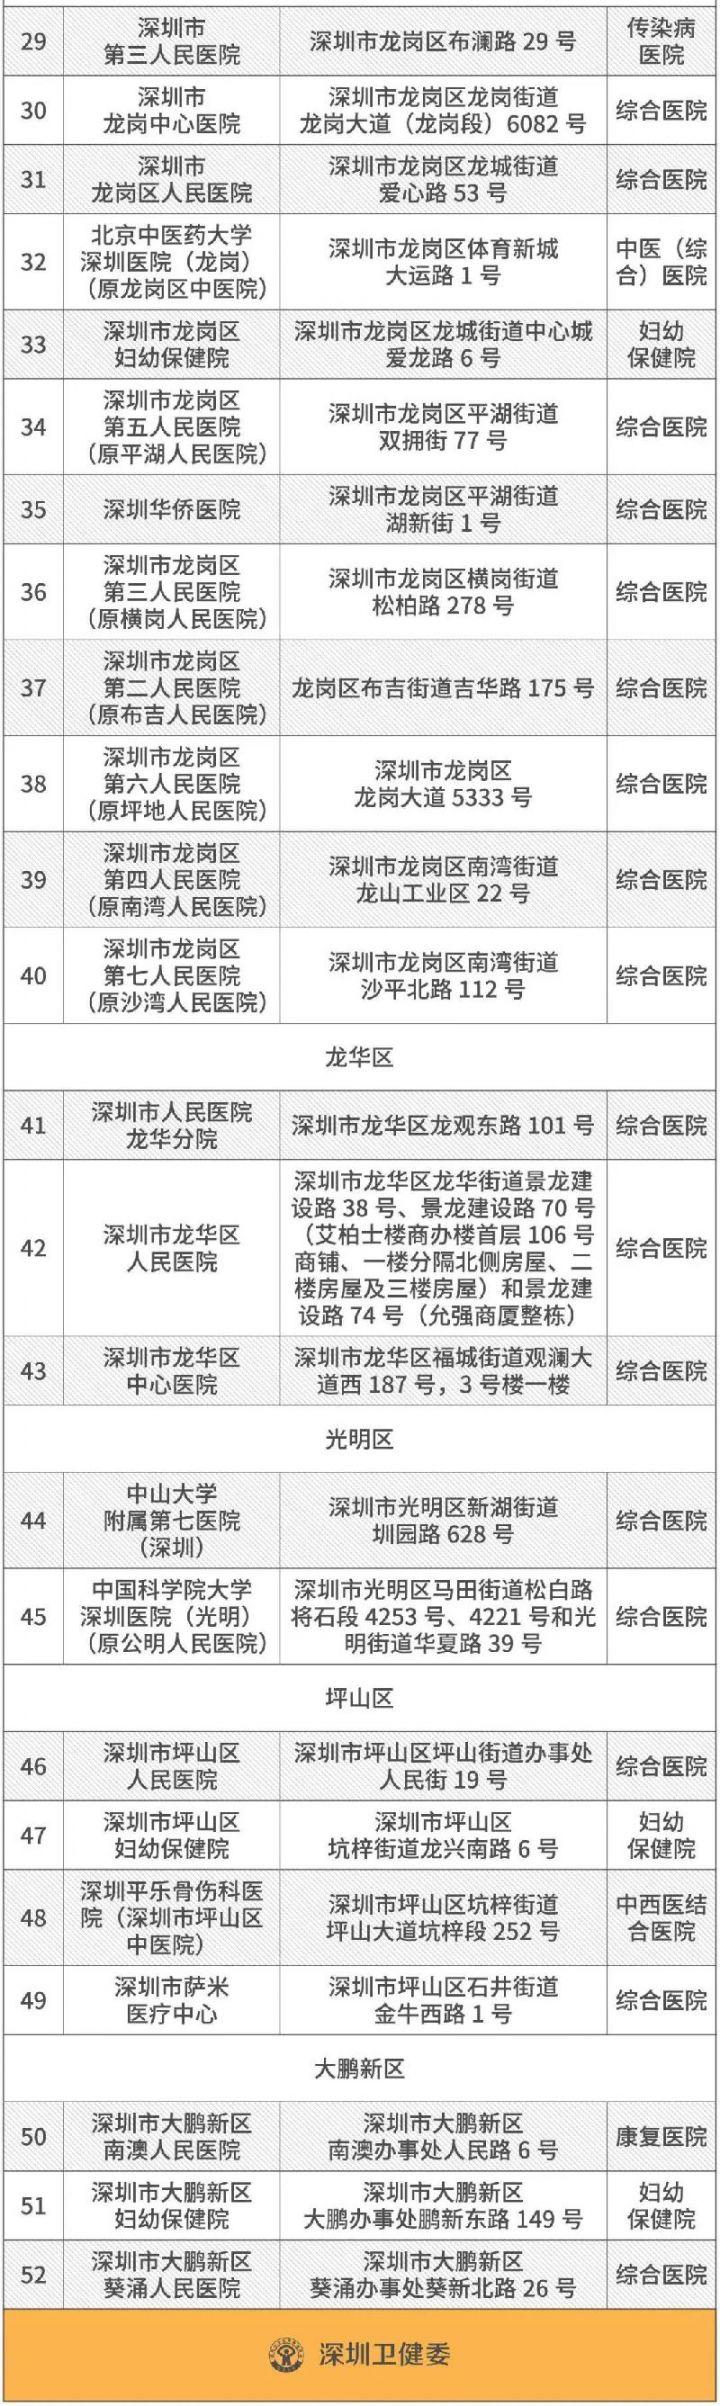 深圳52家开设发热门诊的医院名单一览